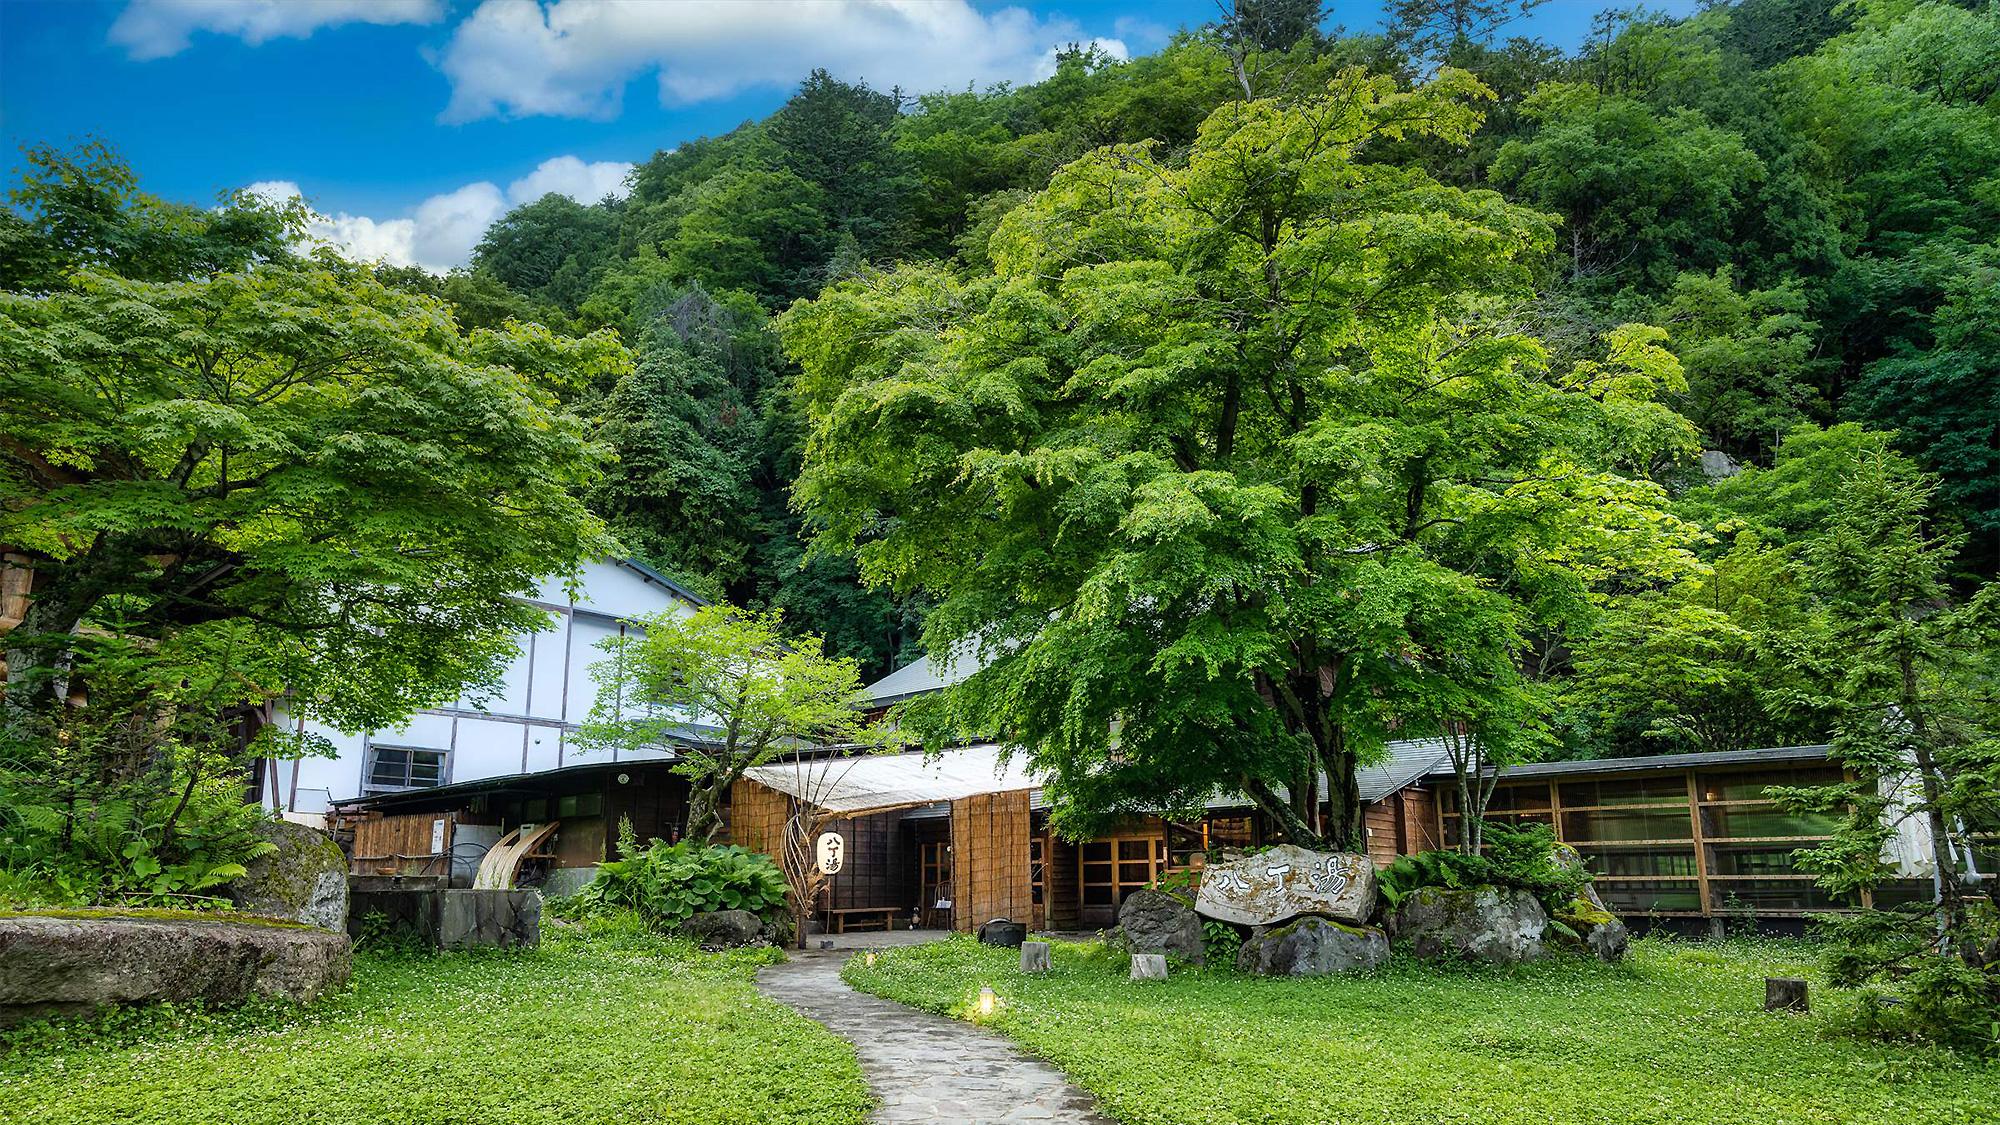 日光・奥鬼怒温泉郷の山の宿 八丁の湯 その1